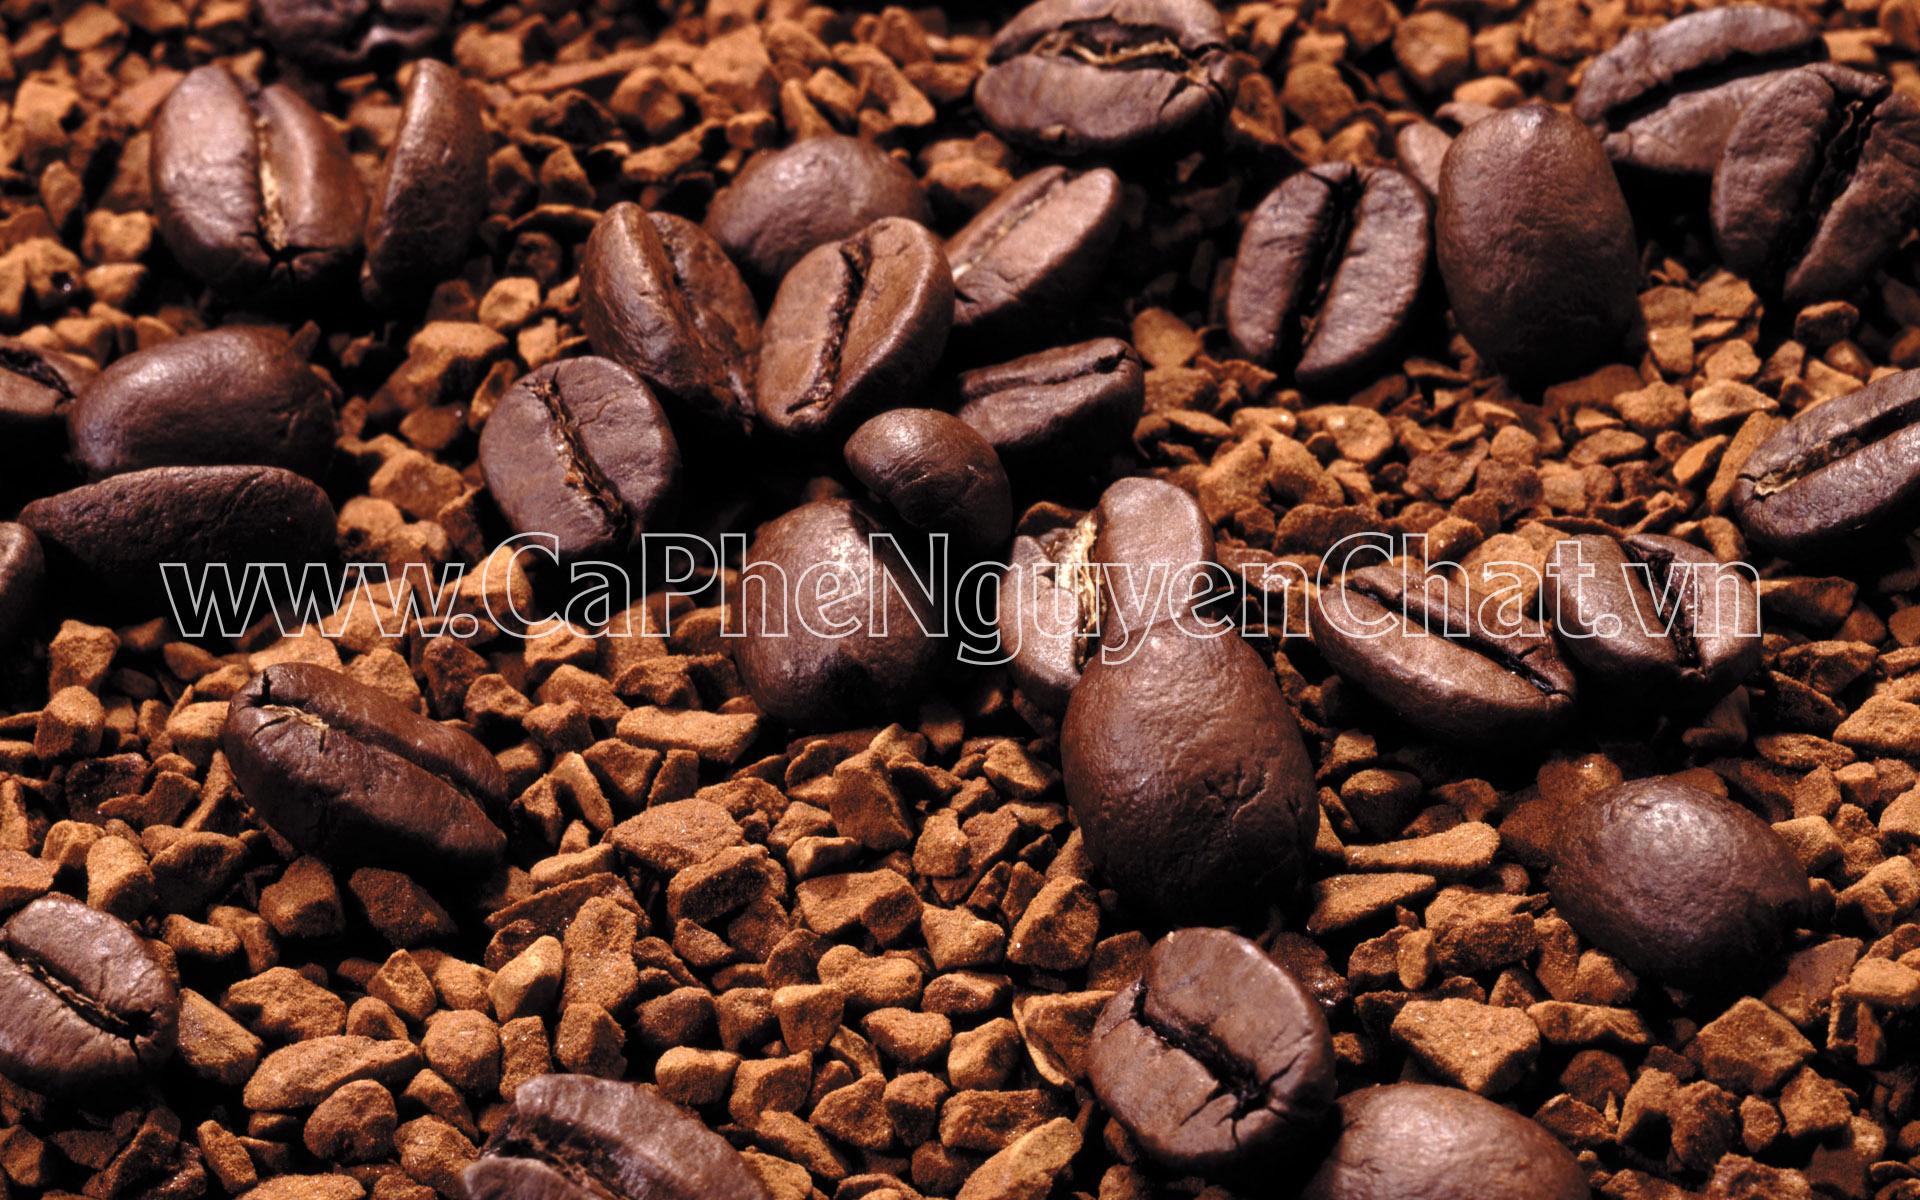 Nguyên chất cà phê tự tin cung cấp cà phê sạch uy tín tại TP.HCM